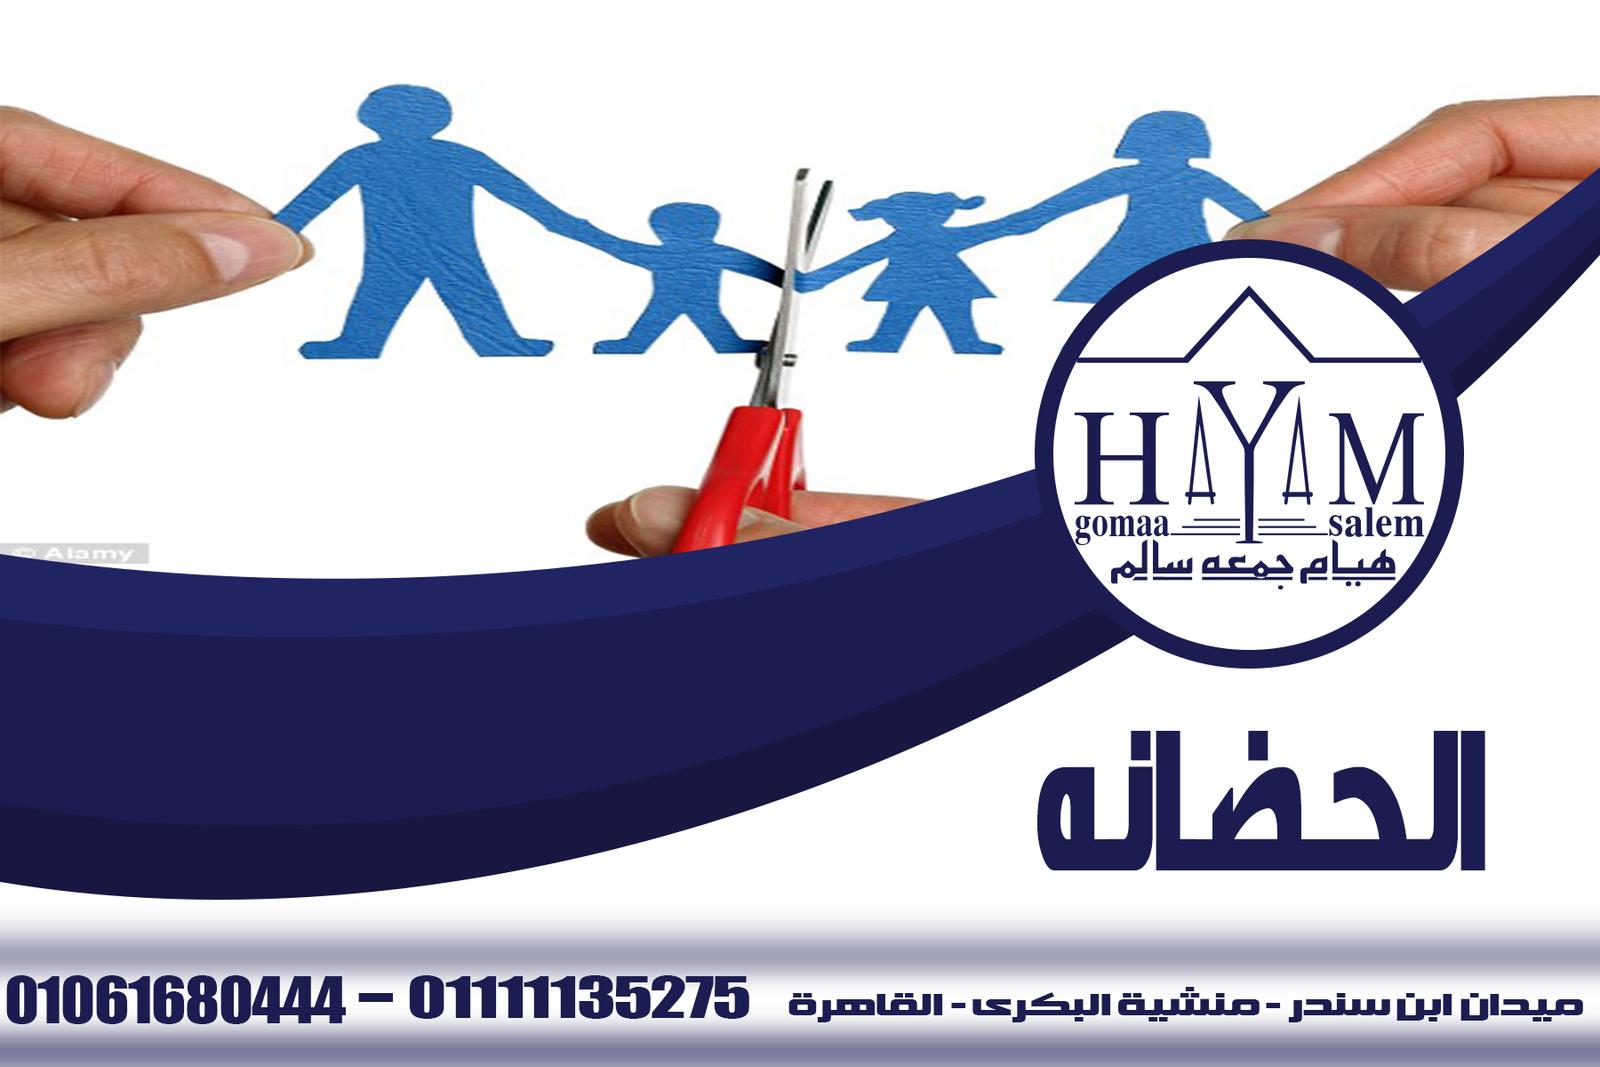 زواج الاجانب في مصر المحامية هيام جمعه سالم 01061680444 – مسكن الحضانة و حقوق الأبناء